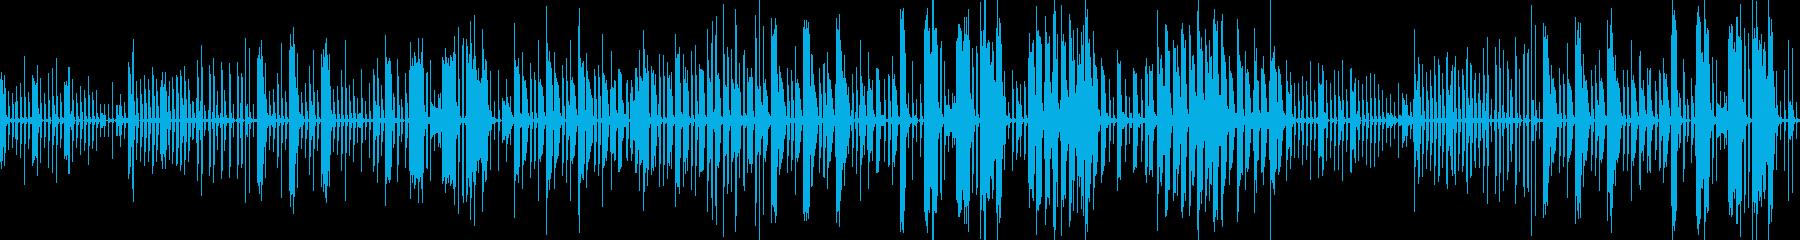 ■ループ・まぬけであほっぽい・シンセの再生済みの波形